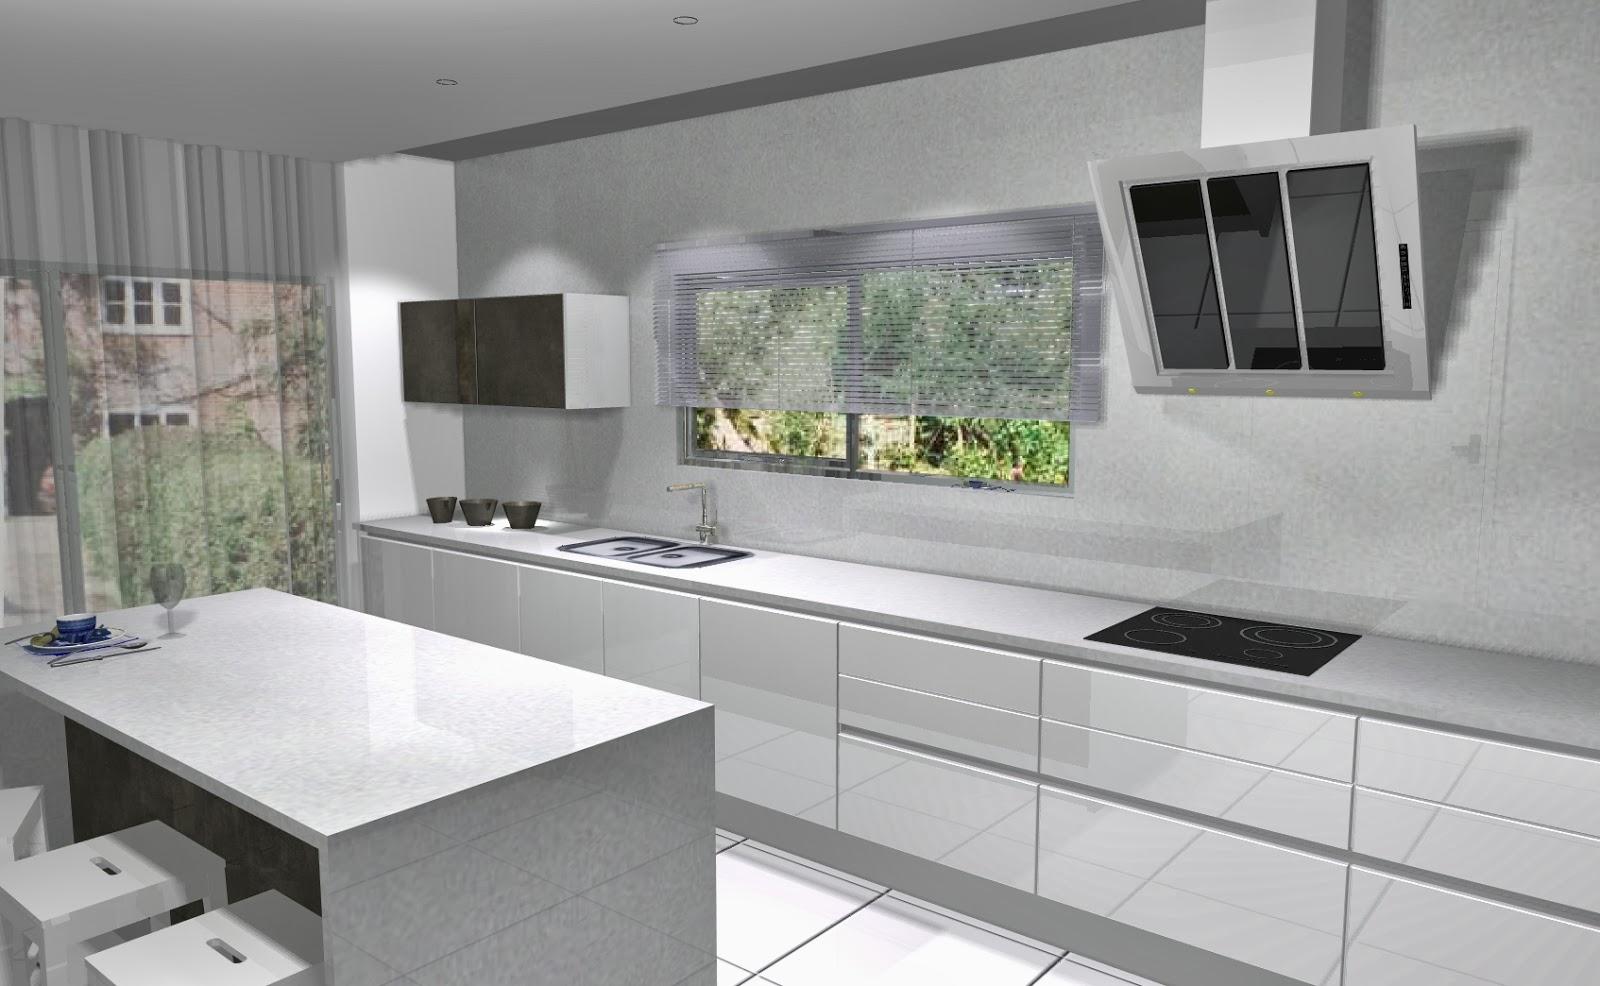 Celeiro do Móvel: Cozinha moderna 3D o branco! #69714A 1600 986